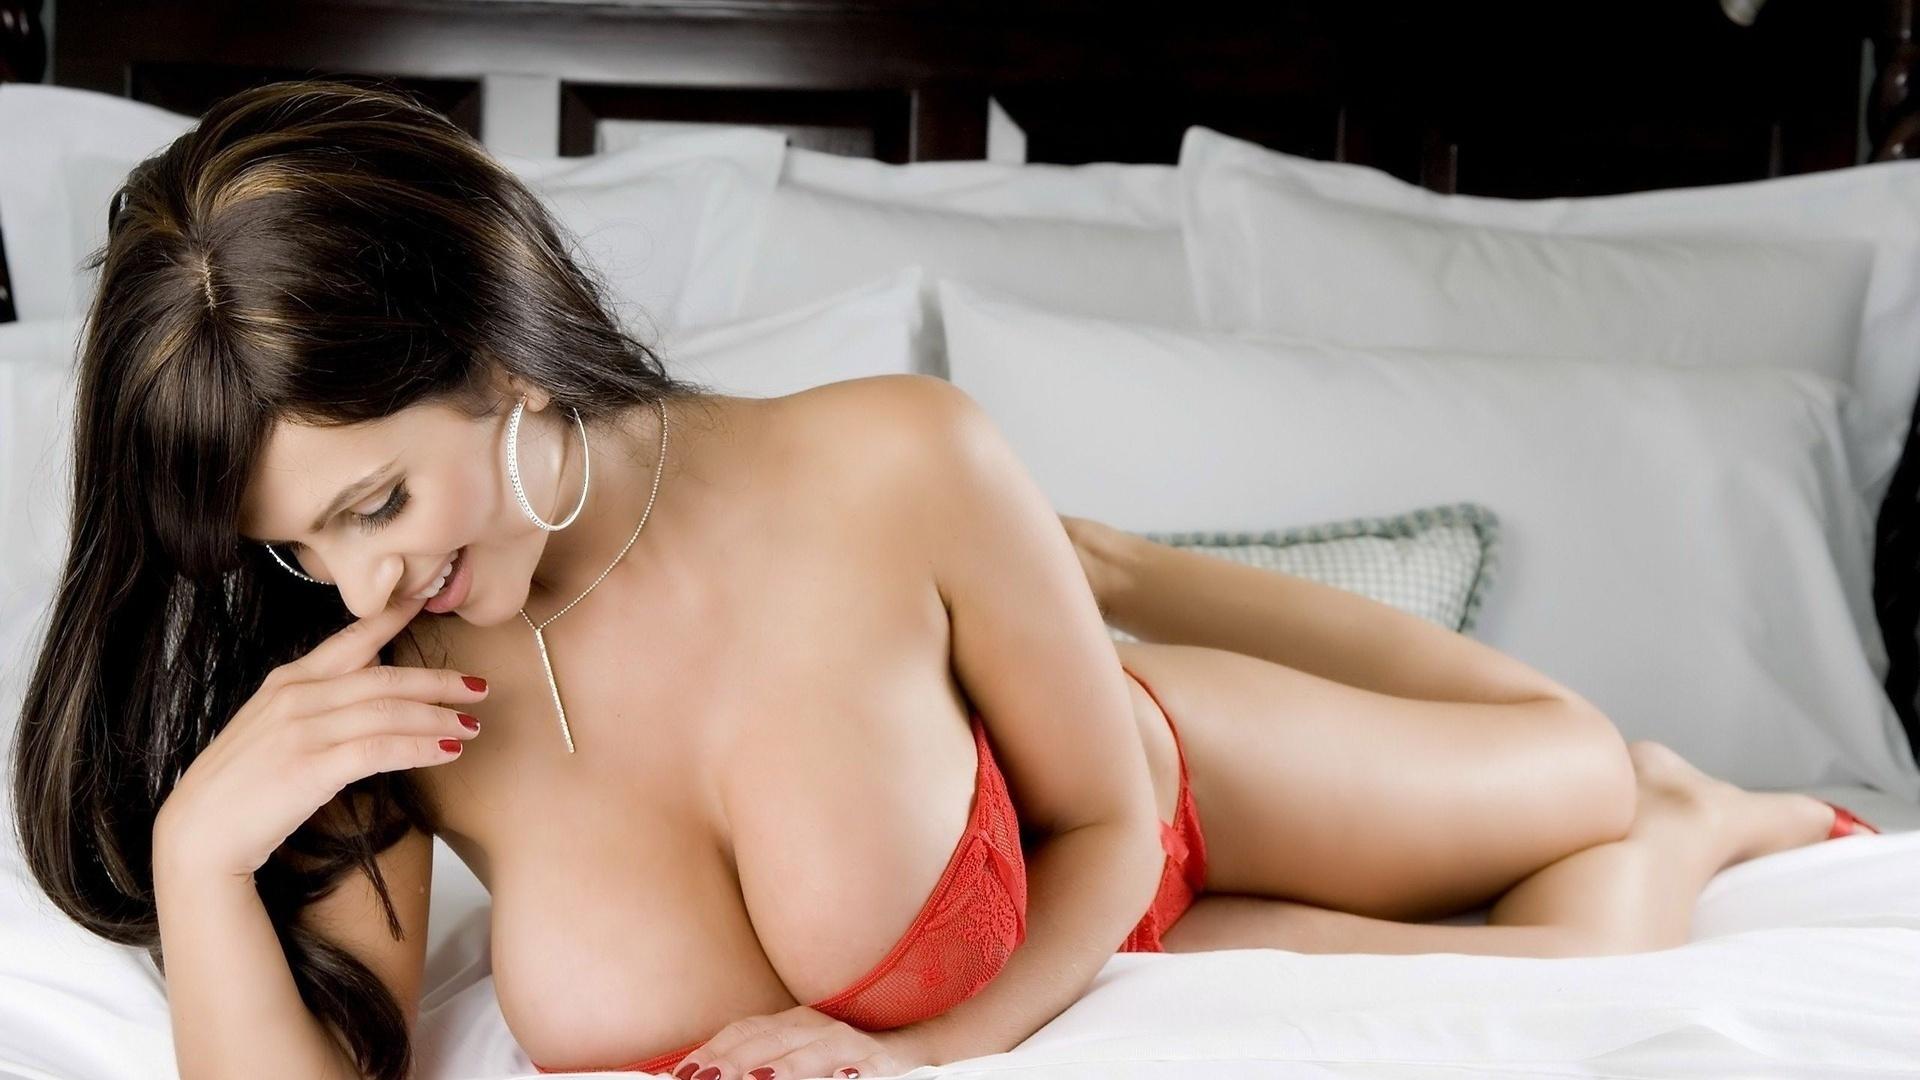 страстные картинки девушек в лифчиках с большой грудью - 5